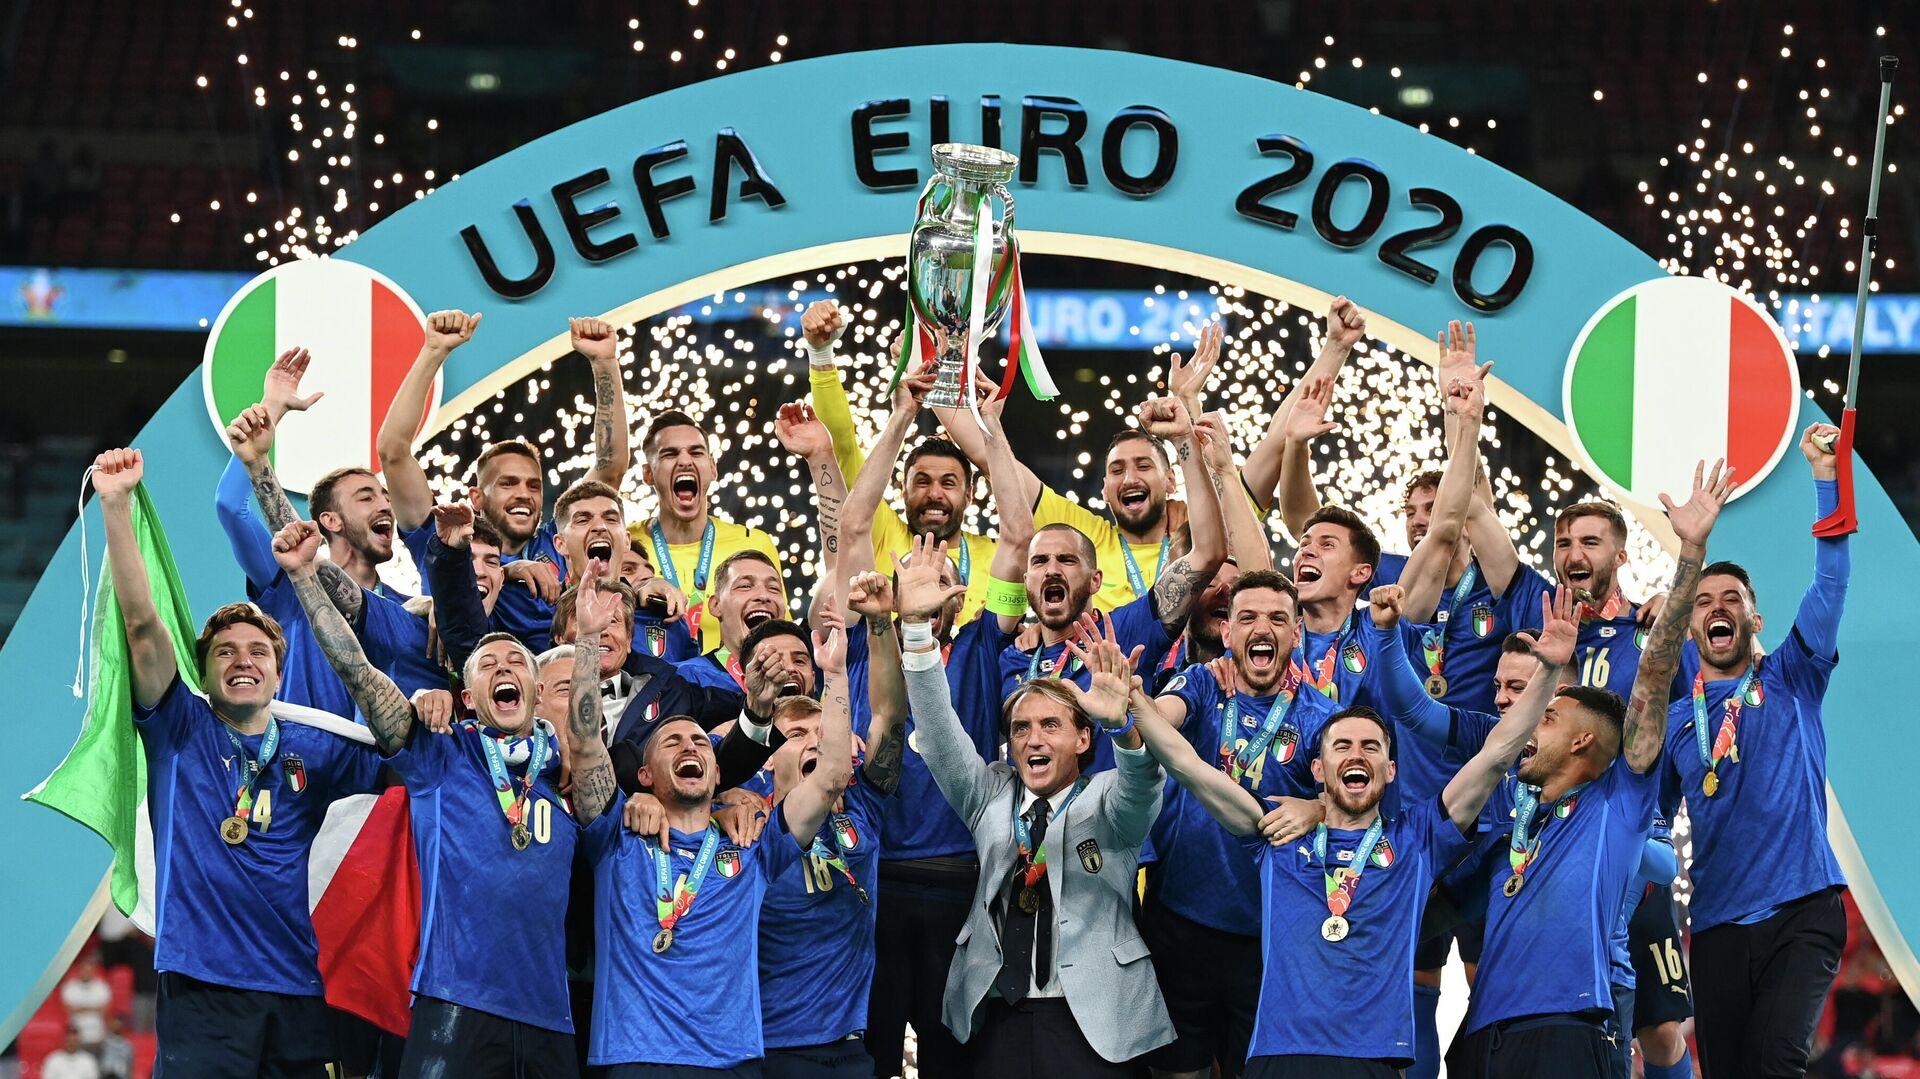 La selección italiana tras su victoria en la Eurocopa 2020 - Sputnik Mundo, 1920, 12.07.2021